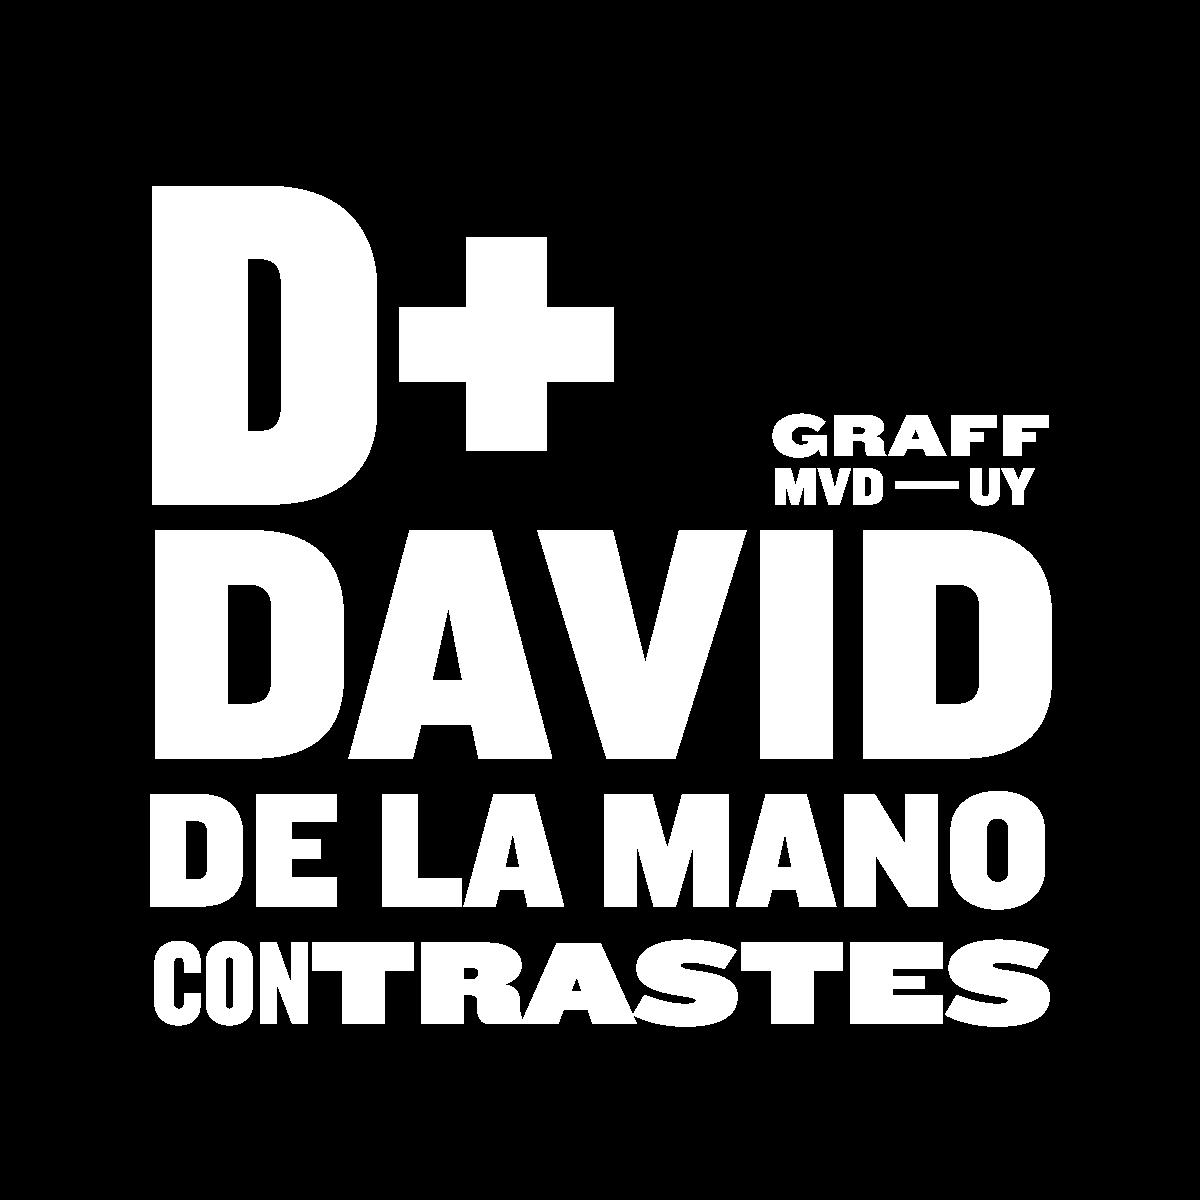 david_delamano